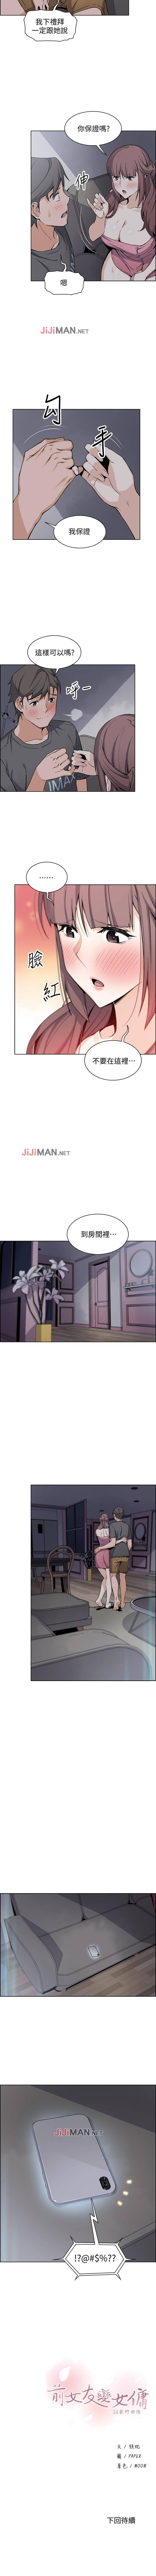 【周四连载】前女友变女佣(作者:PAPER&頸枕) 第1~33话 200